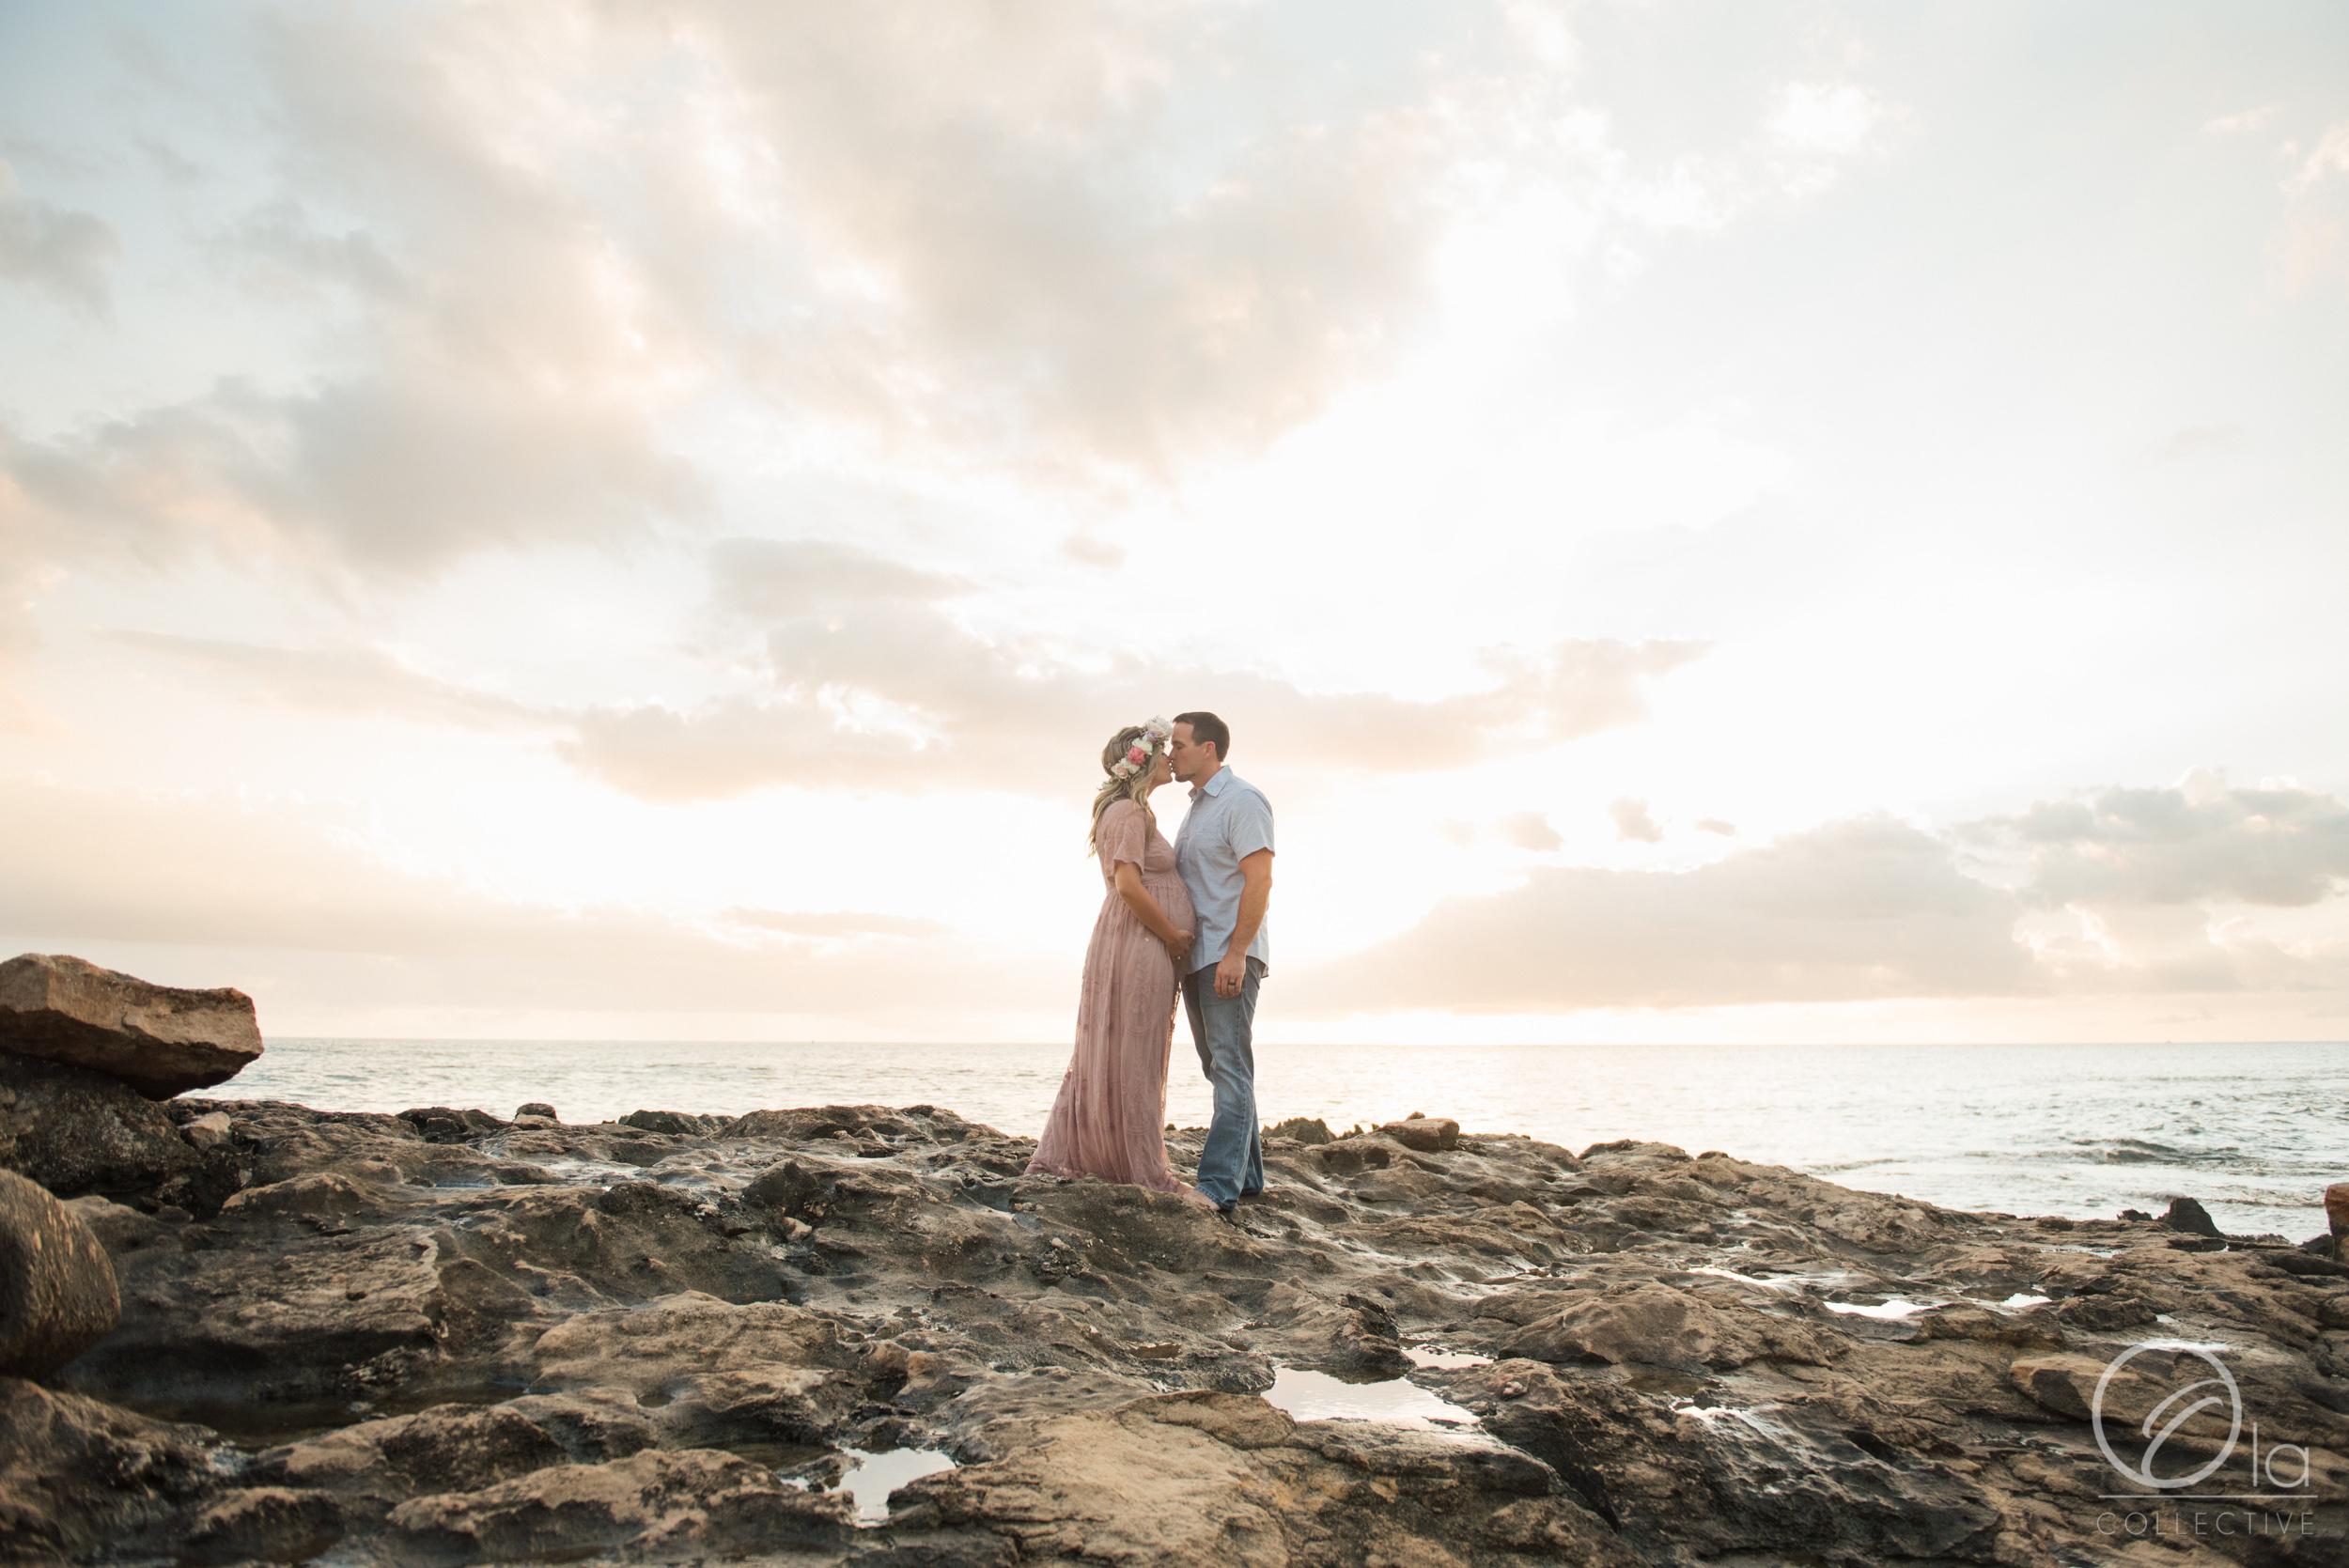 Four-Seasons-Oahu-Maternity-Photographer-Ola-Collective-3.jpg